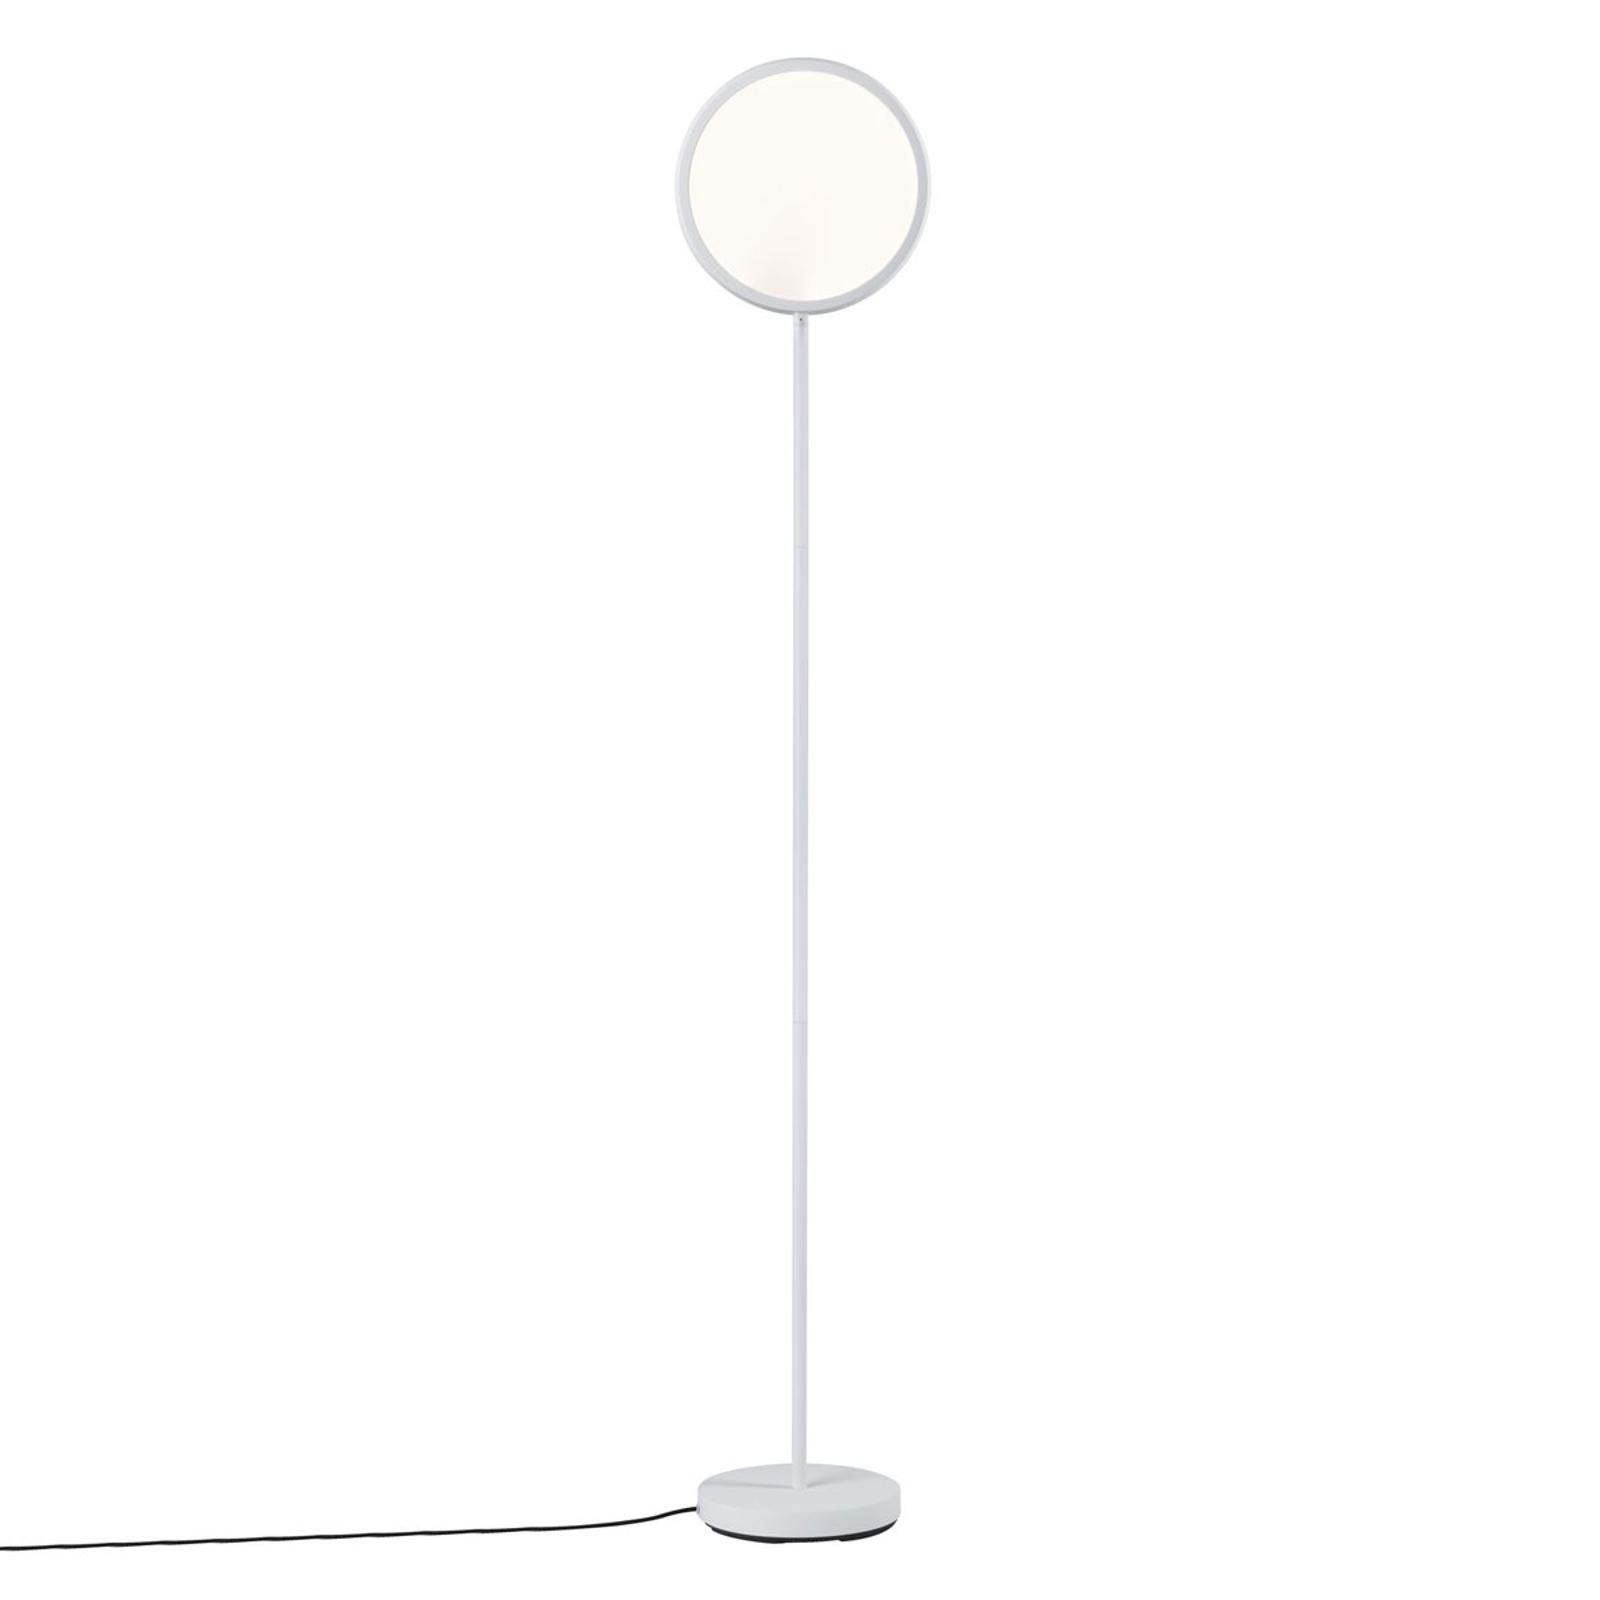 Paulmann Arik LED floor lamp_7601260_1